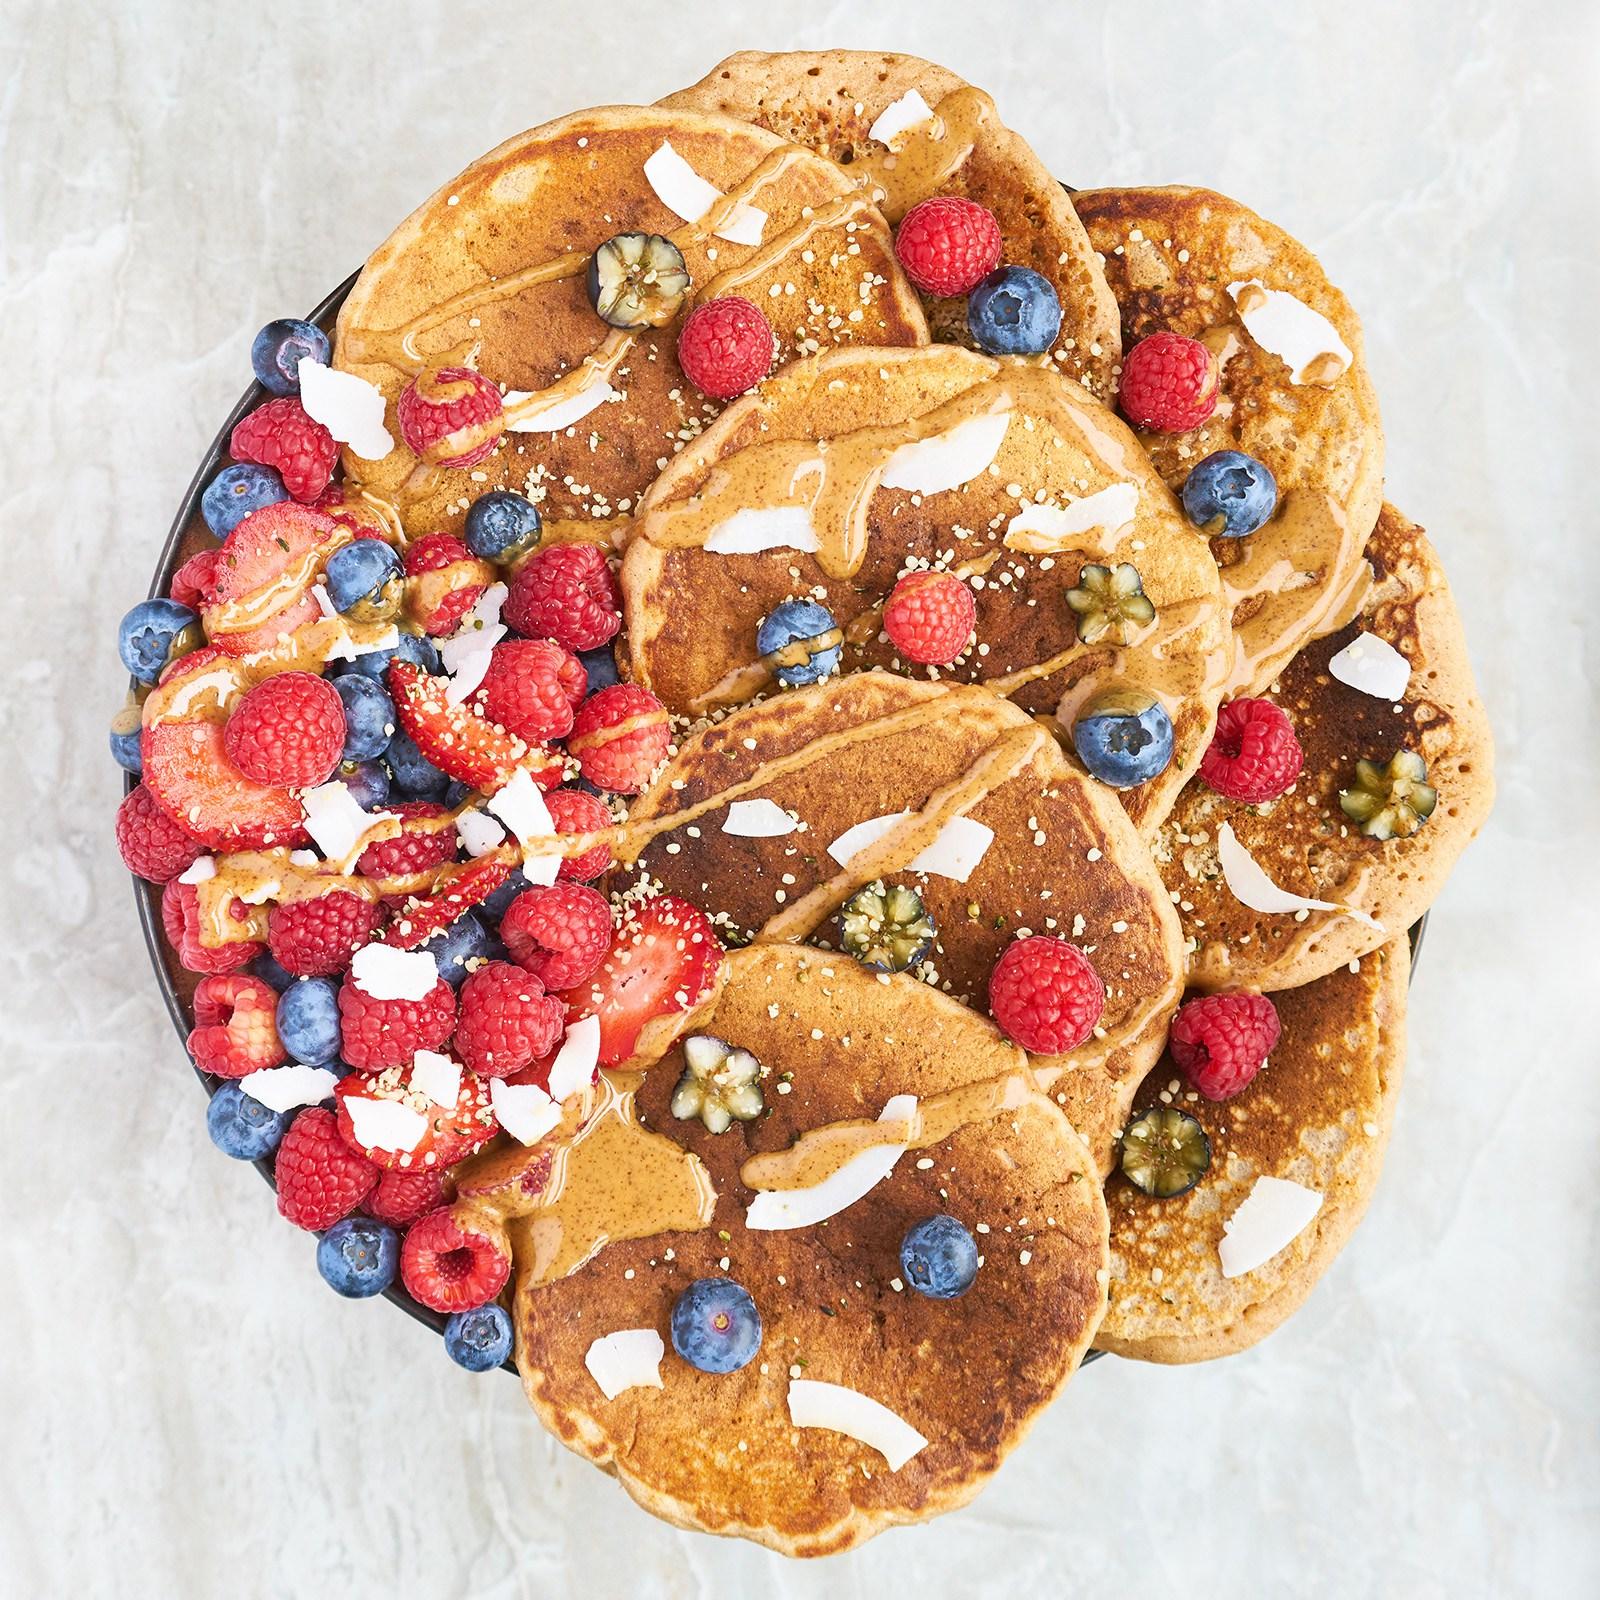 Vegan Apple Cinnamon Pancakes from Pamela Fergusson